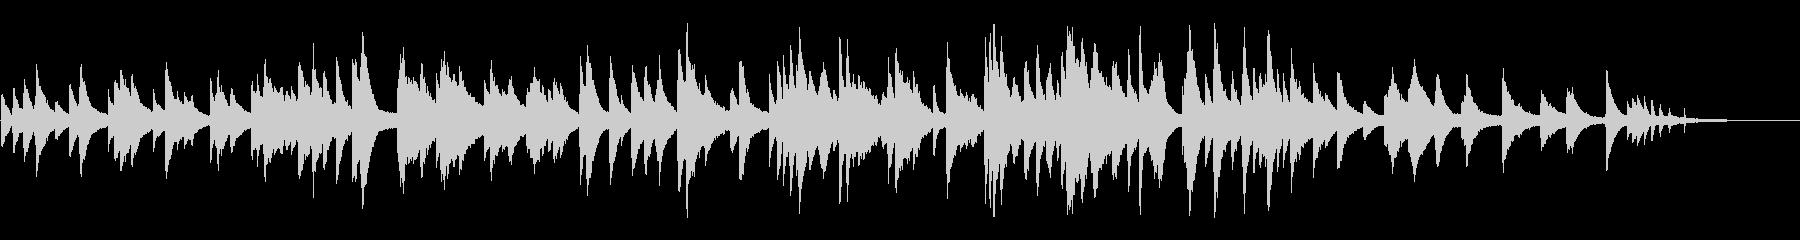 ムードのあるジャズ風ラウンジピアノソロの未再生の波形